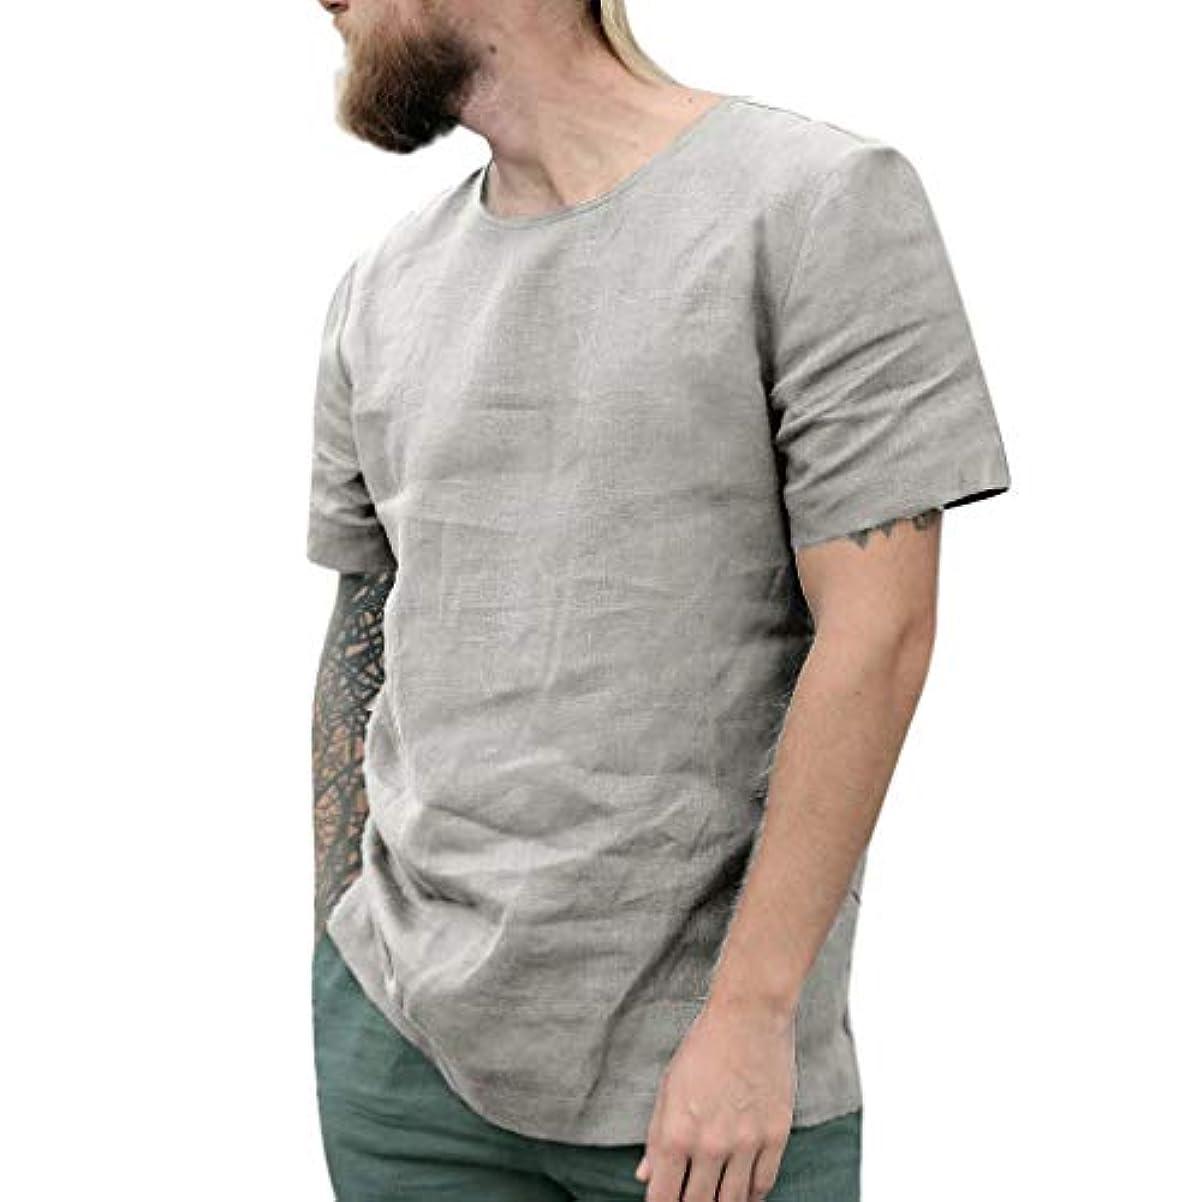 ラダトレイル本当のことを言うとシャツ 夏服 半袖 メンズ ゆったりシャツ インナー tシャツ 快適な 吸汗速乾 薄手 伸縮性 涼しい ベーシック カジュアル メンズ コンプレッションウェア 補正下着 ダイエット 半袖 メンズ 三分袖 丸首 コットンとリネン製